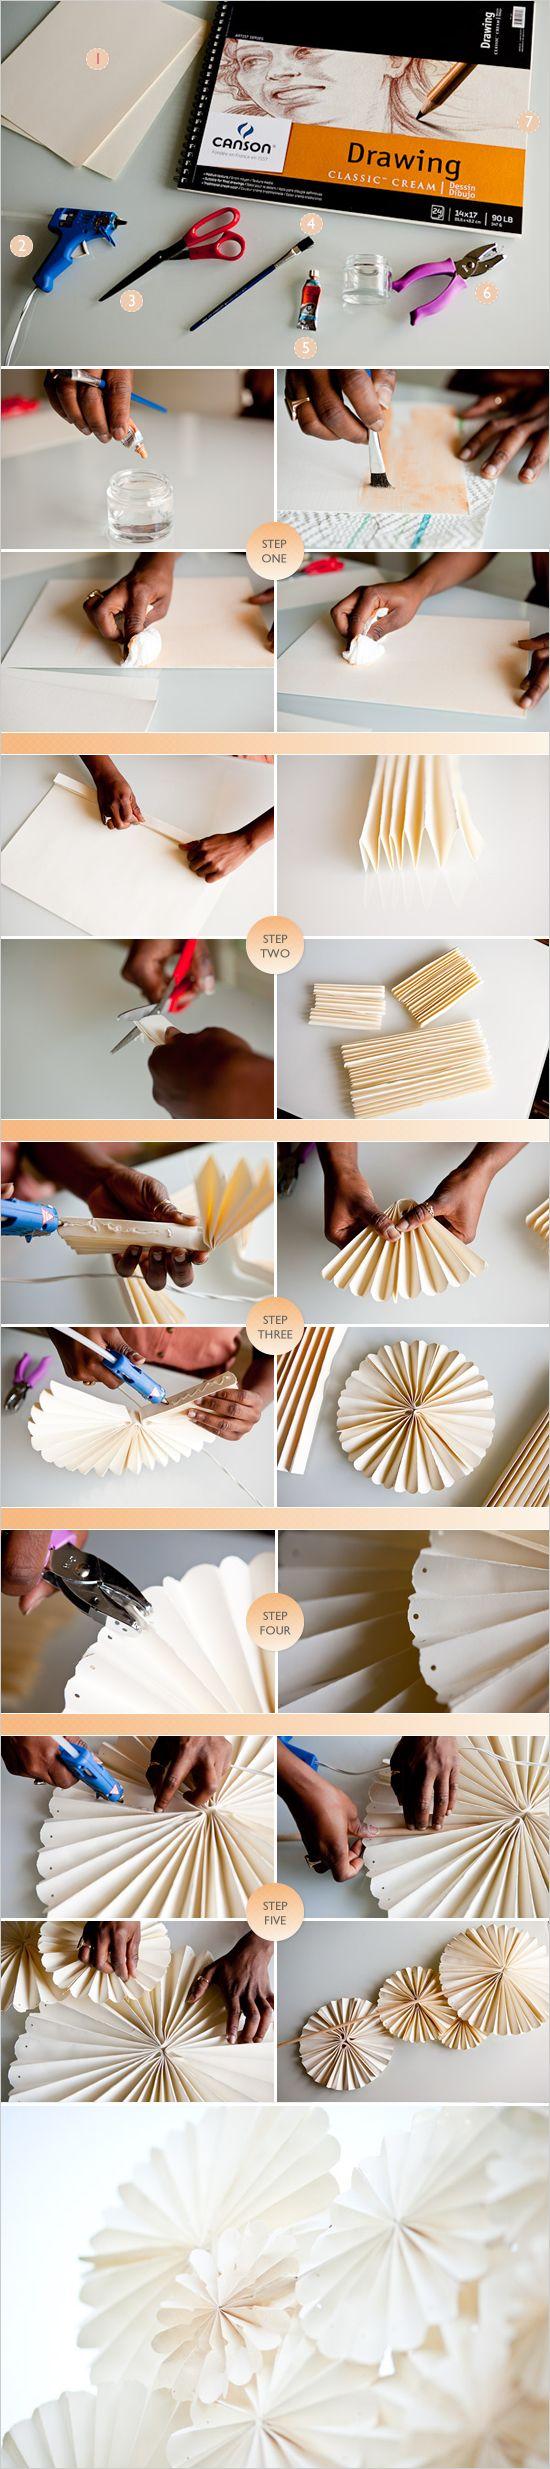 壁に貼付けるタイプの飾りを手作りする方法について、写真つきで説明されているページ。グルーガンで簡単手作り!